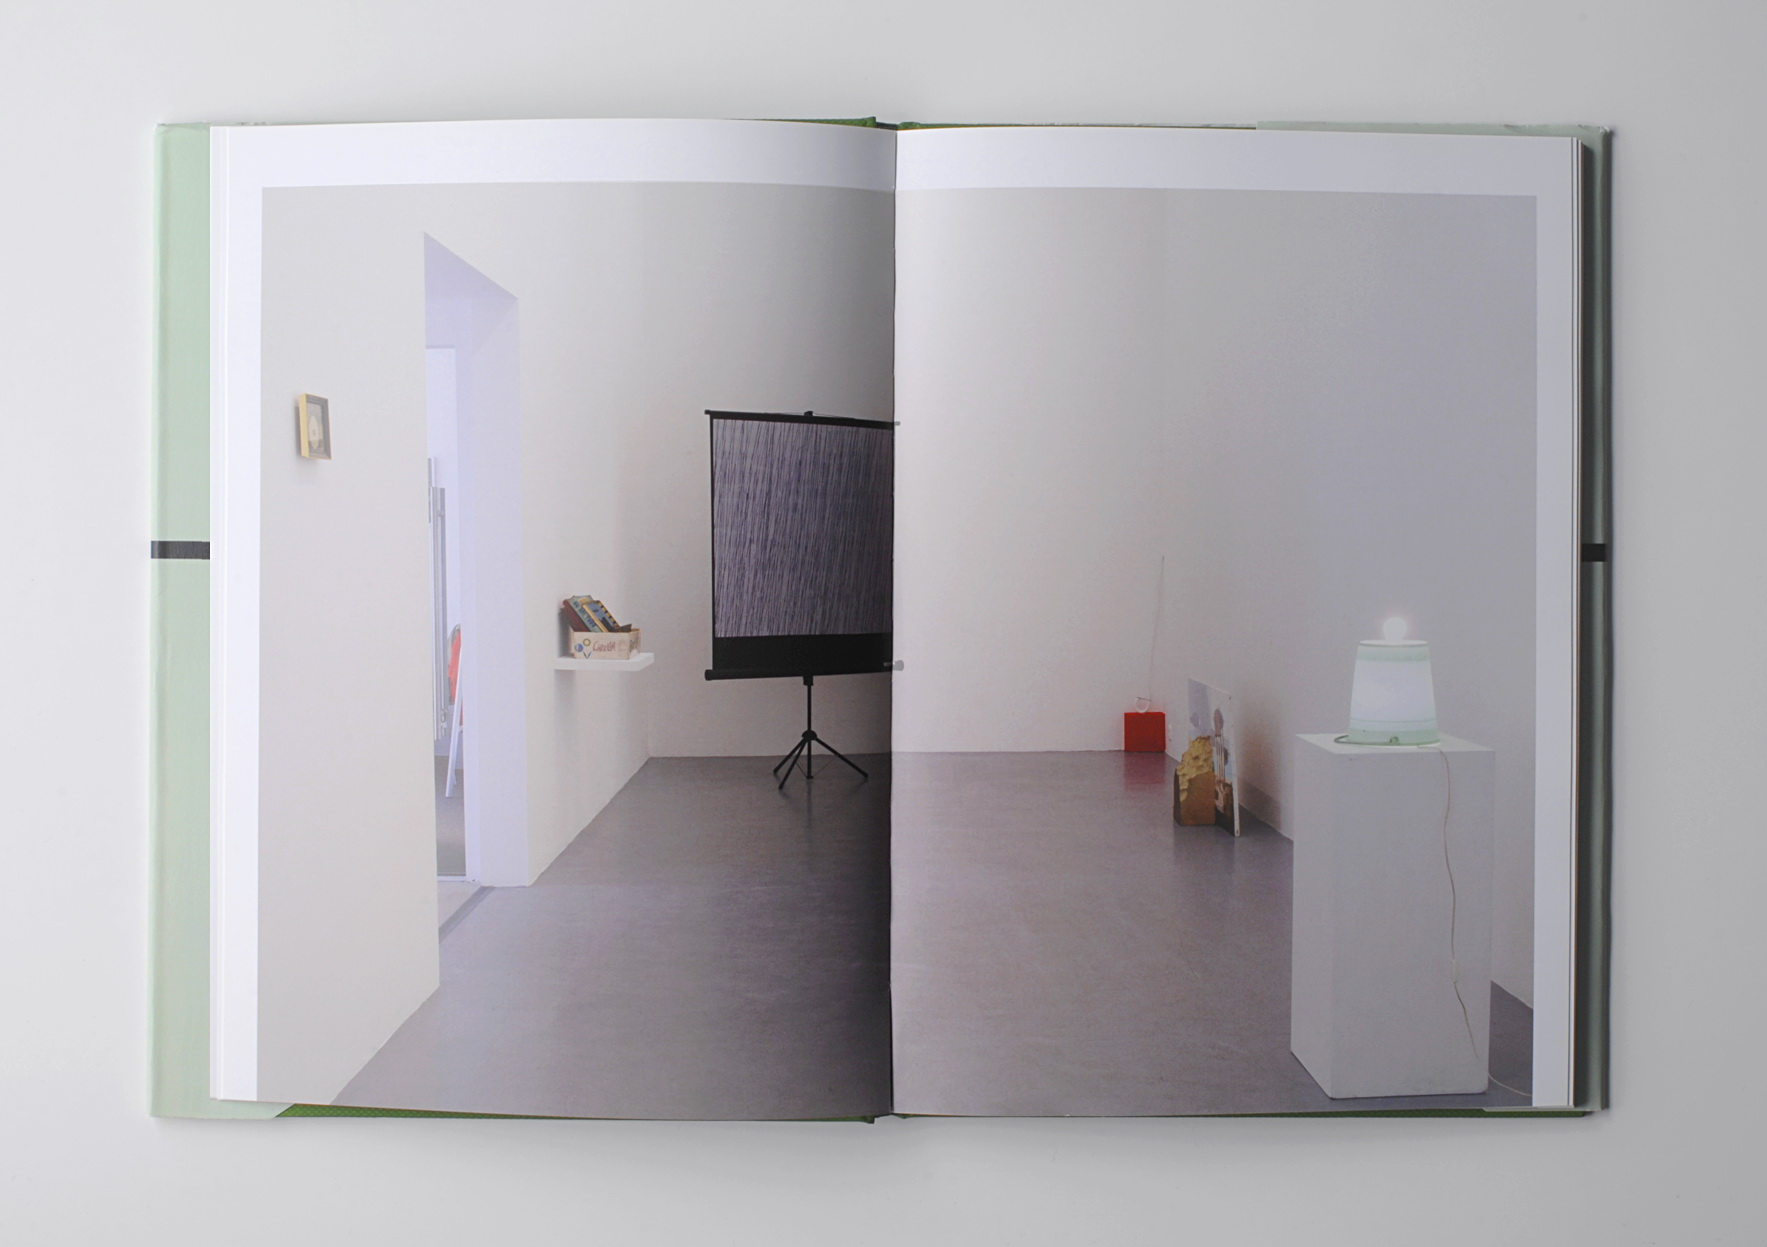 | ENCORE! Une exposition personnelle d'Ana Jotta | ProjecteSD